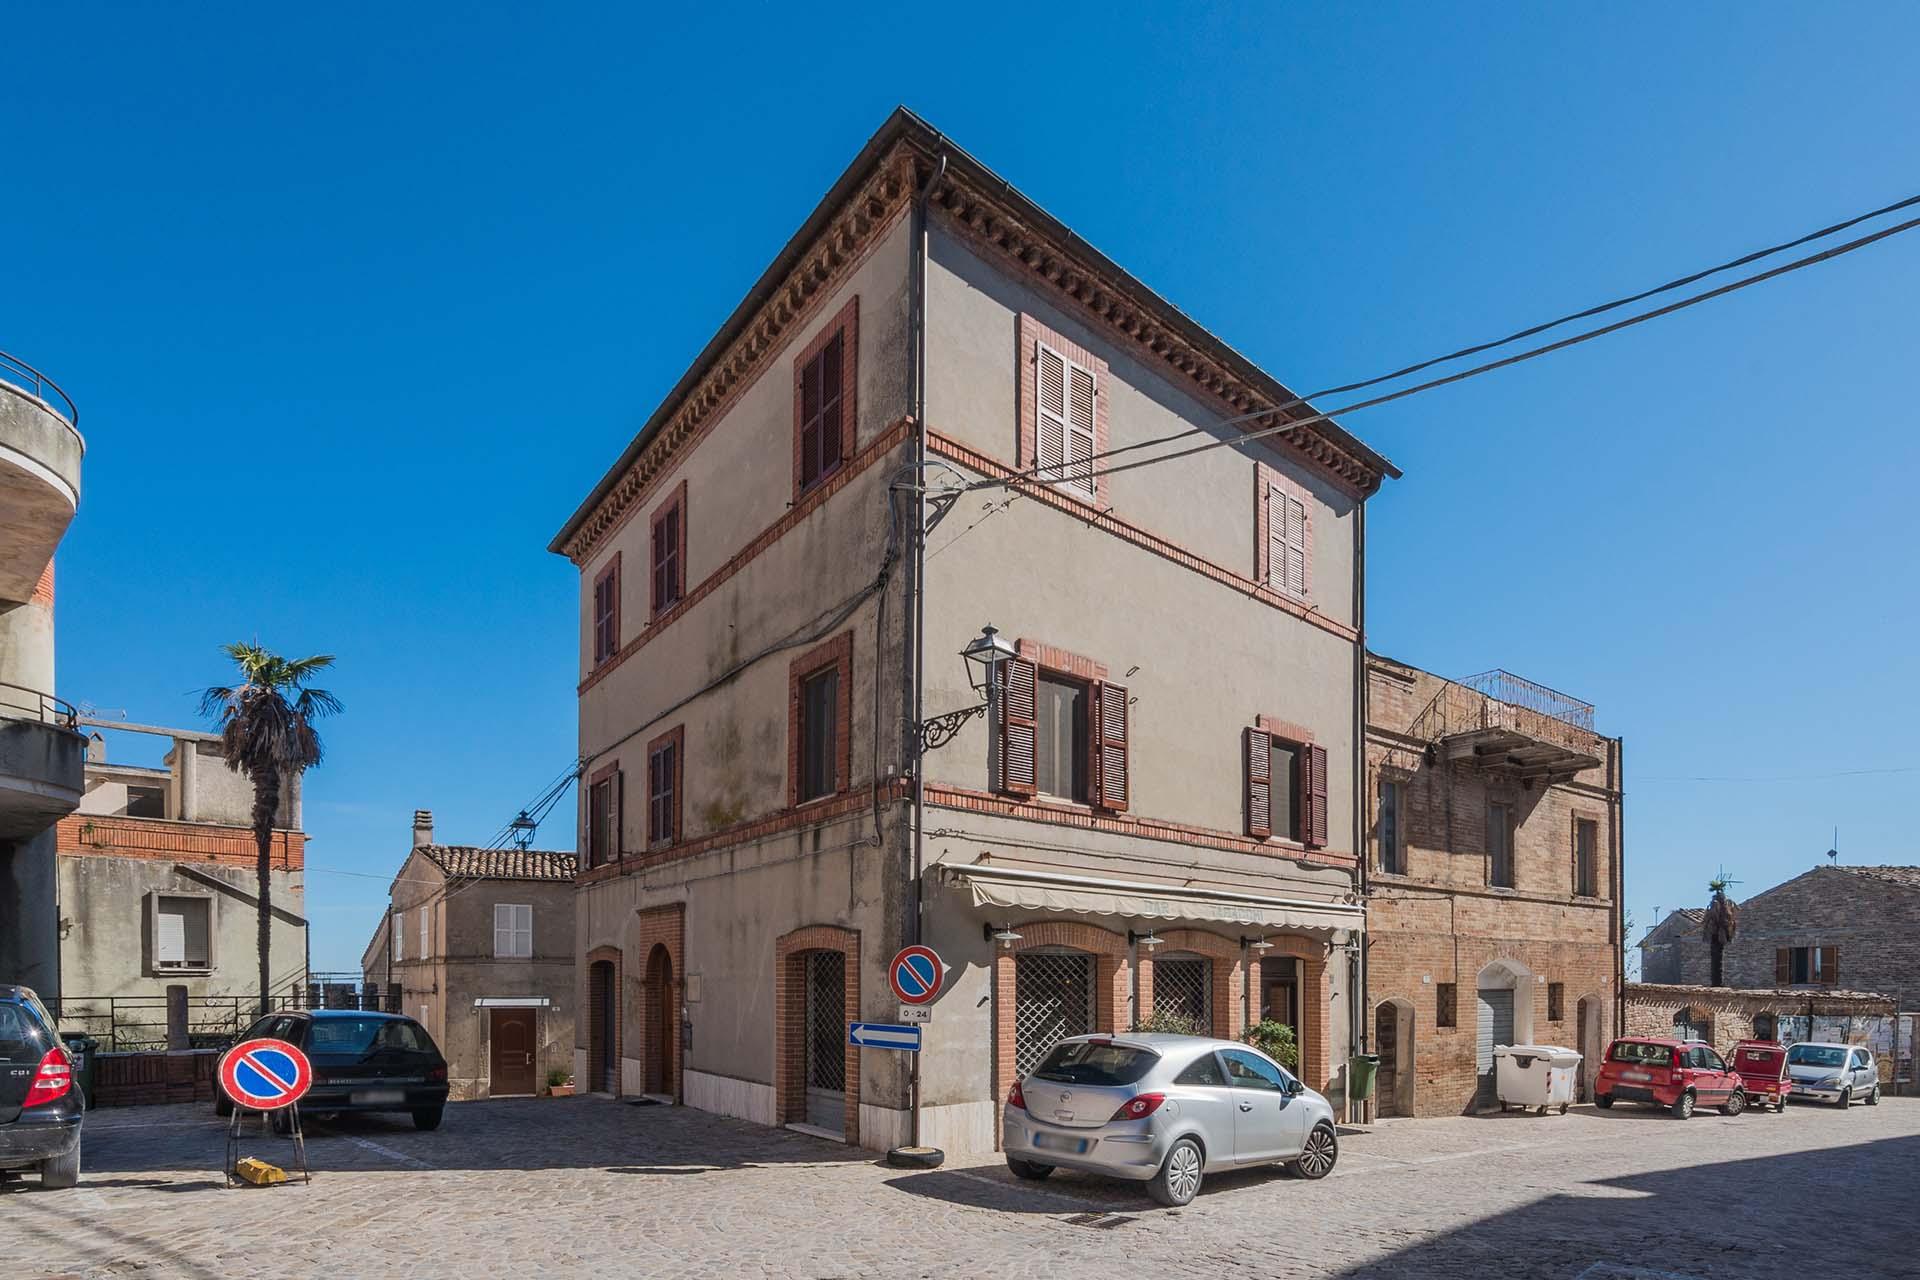 L'Agenzia Immobiliare Puzielli propone palazzo in vendita nel centro storico di Santa Vittoria in Matenano